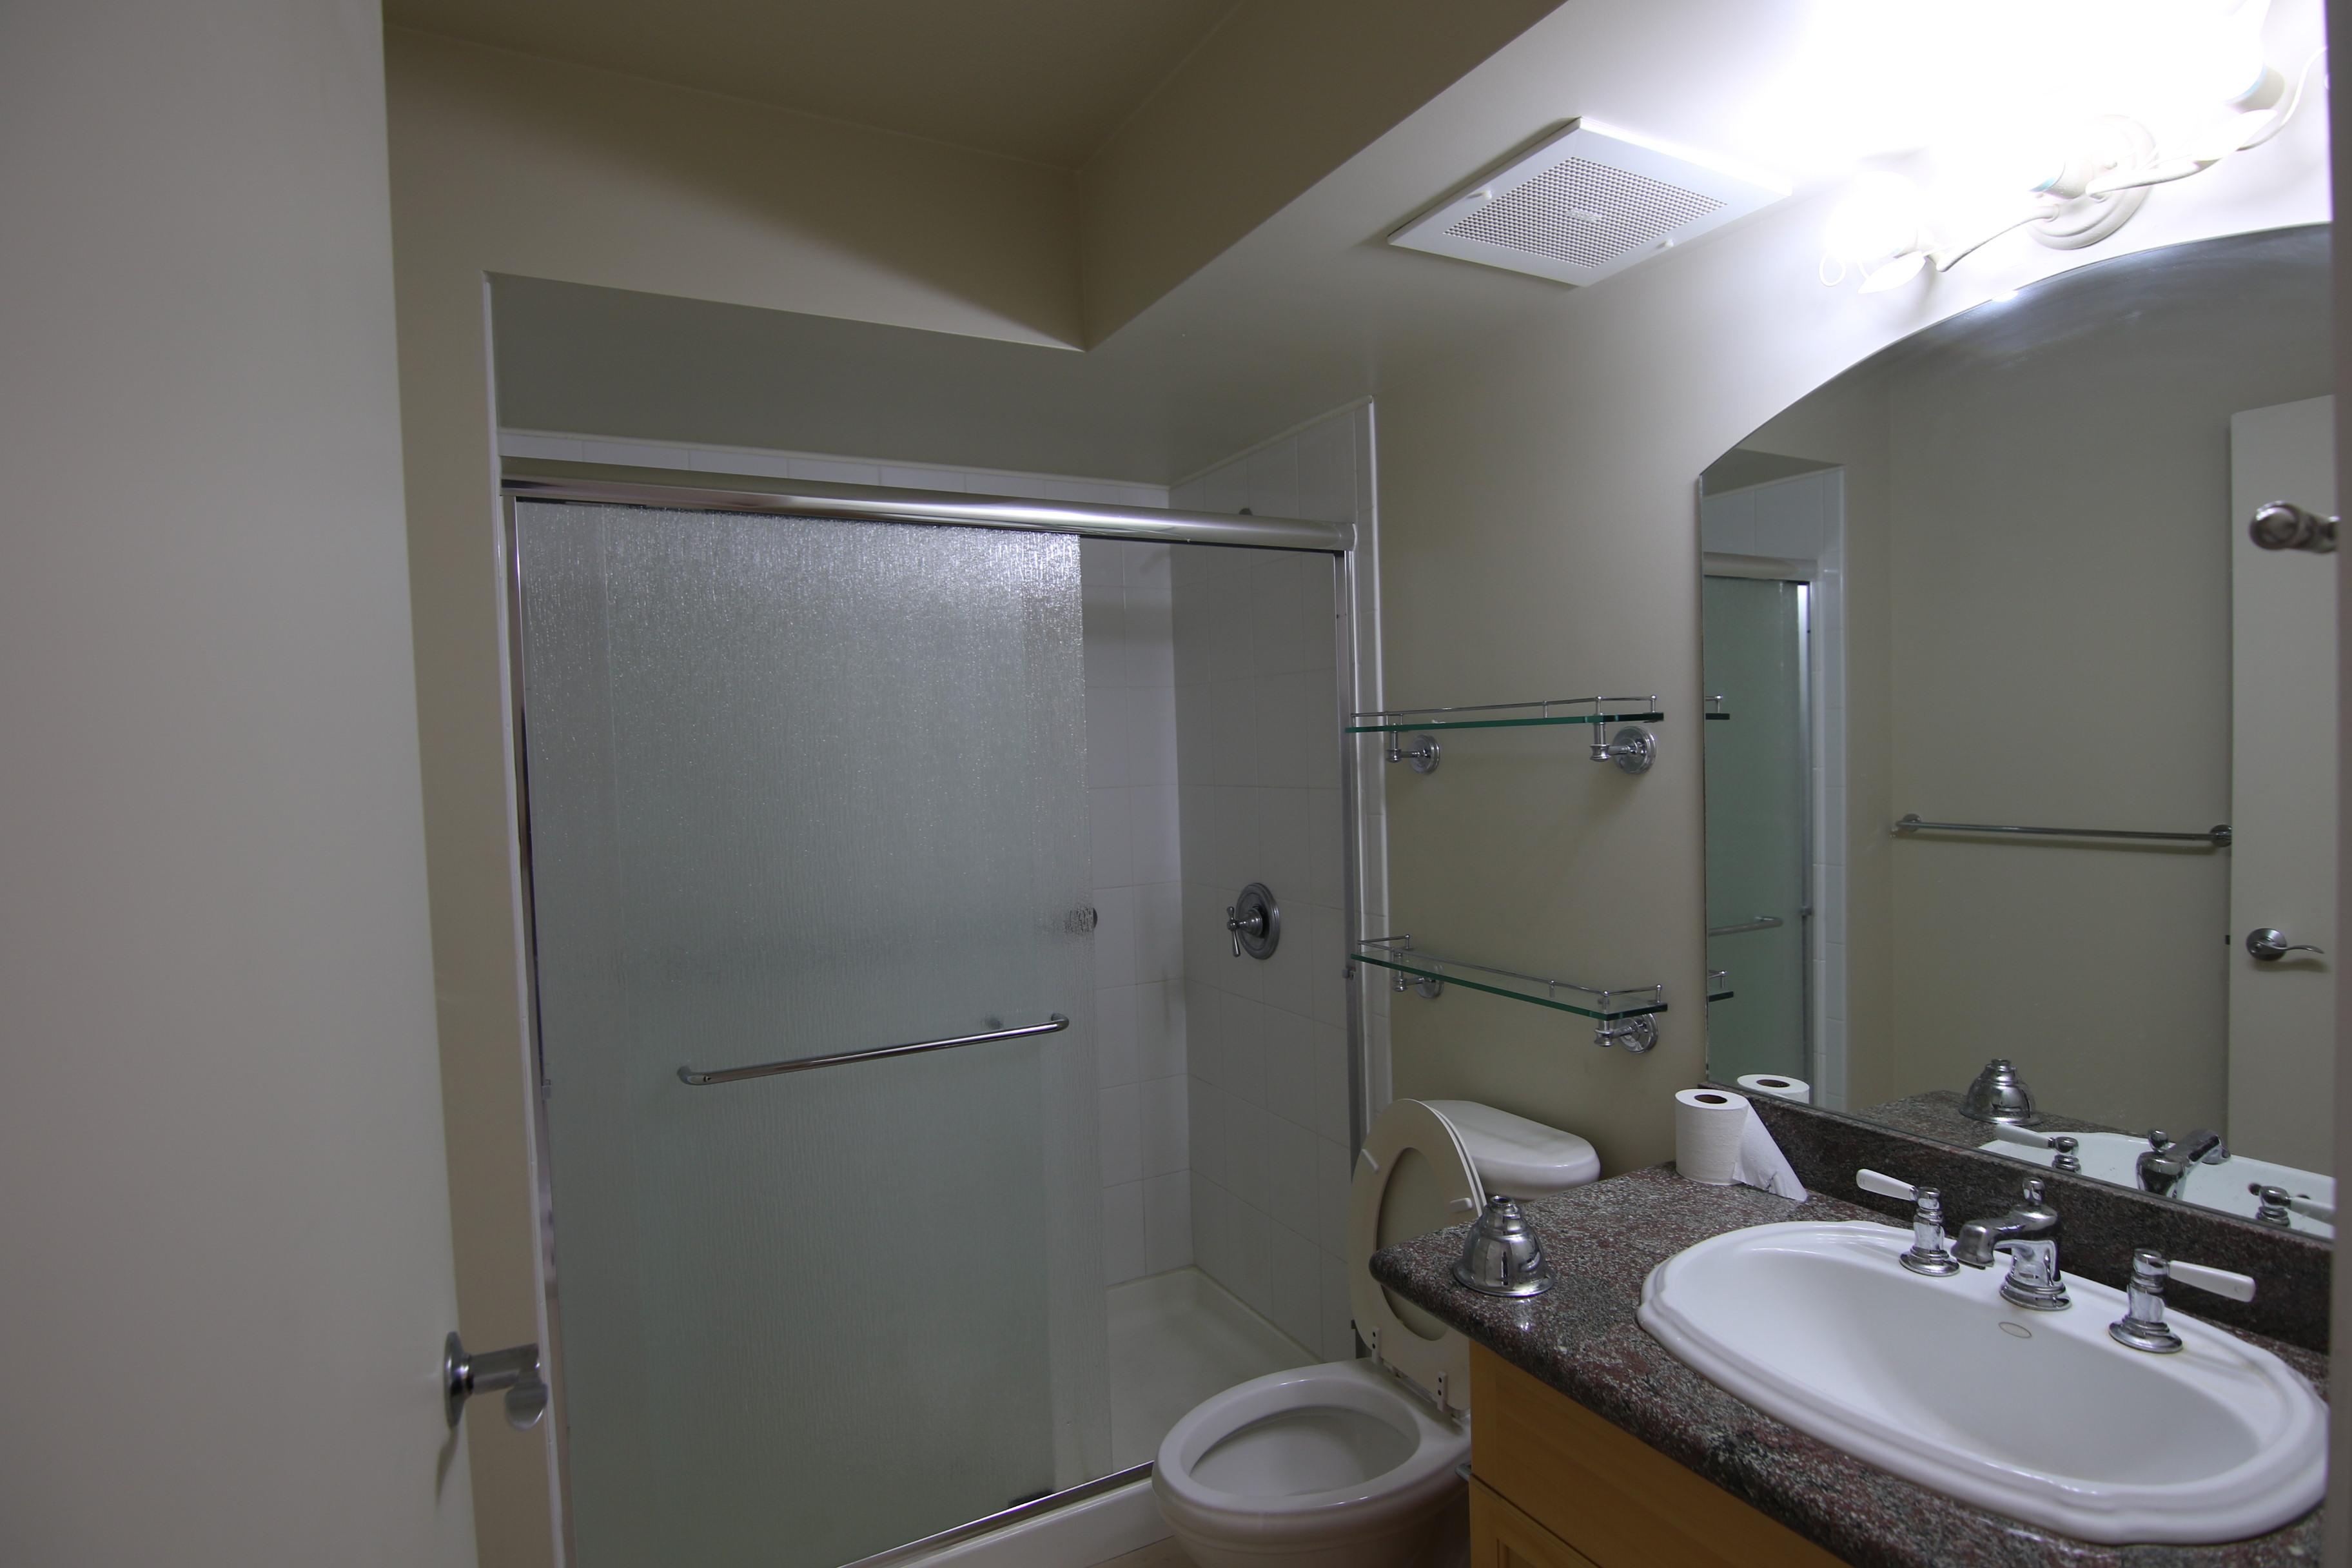 モアナパシフィック寝室A寝室Aのトイレ